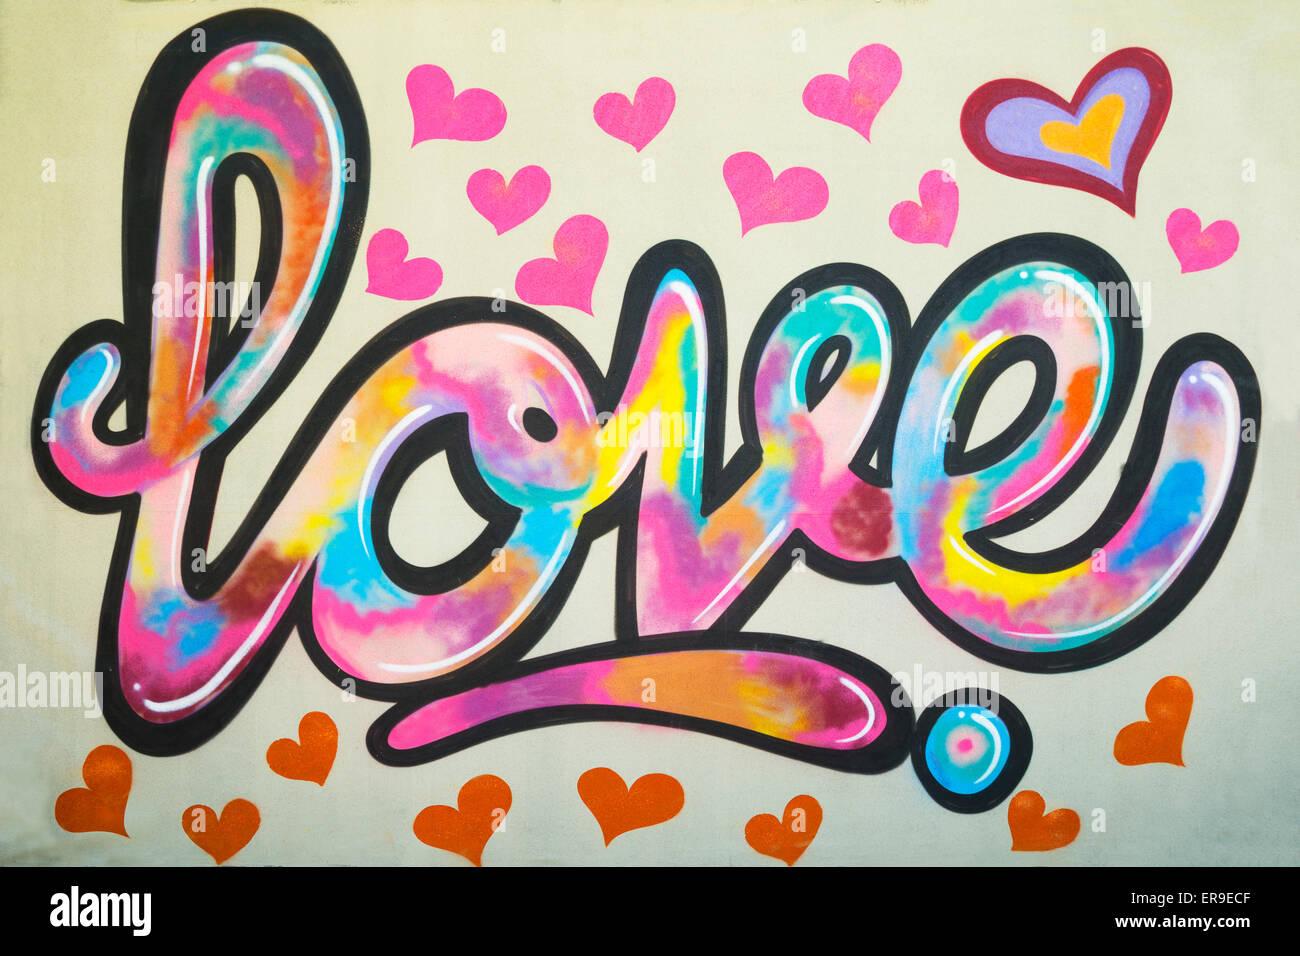 Amor texto de graffiti en la pared con muchas formas de corazón de color rosa alrededor